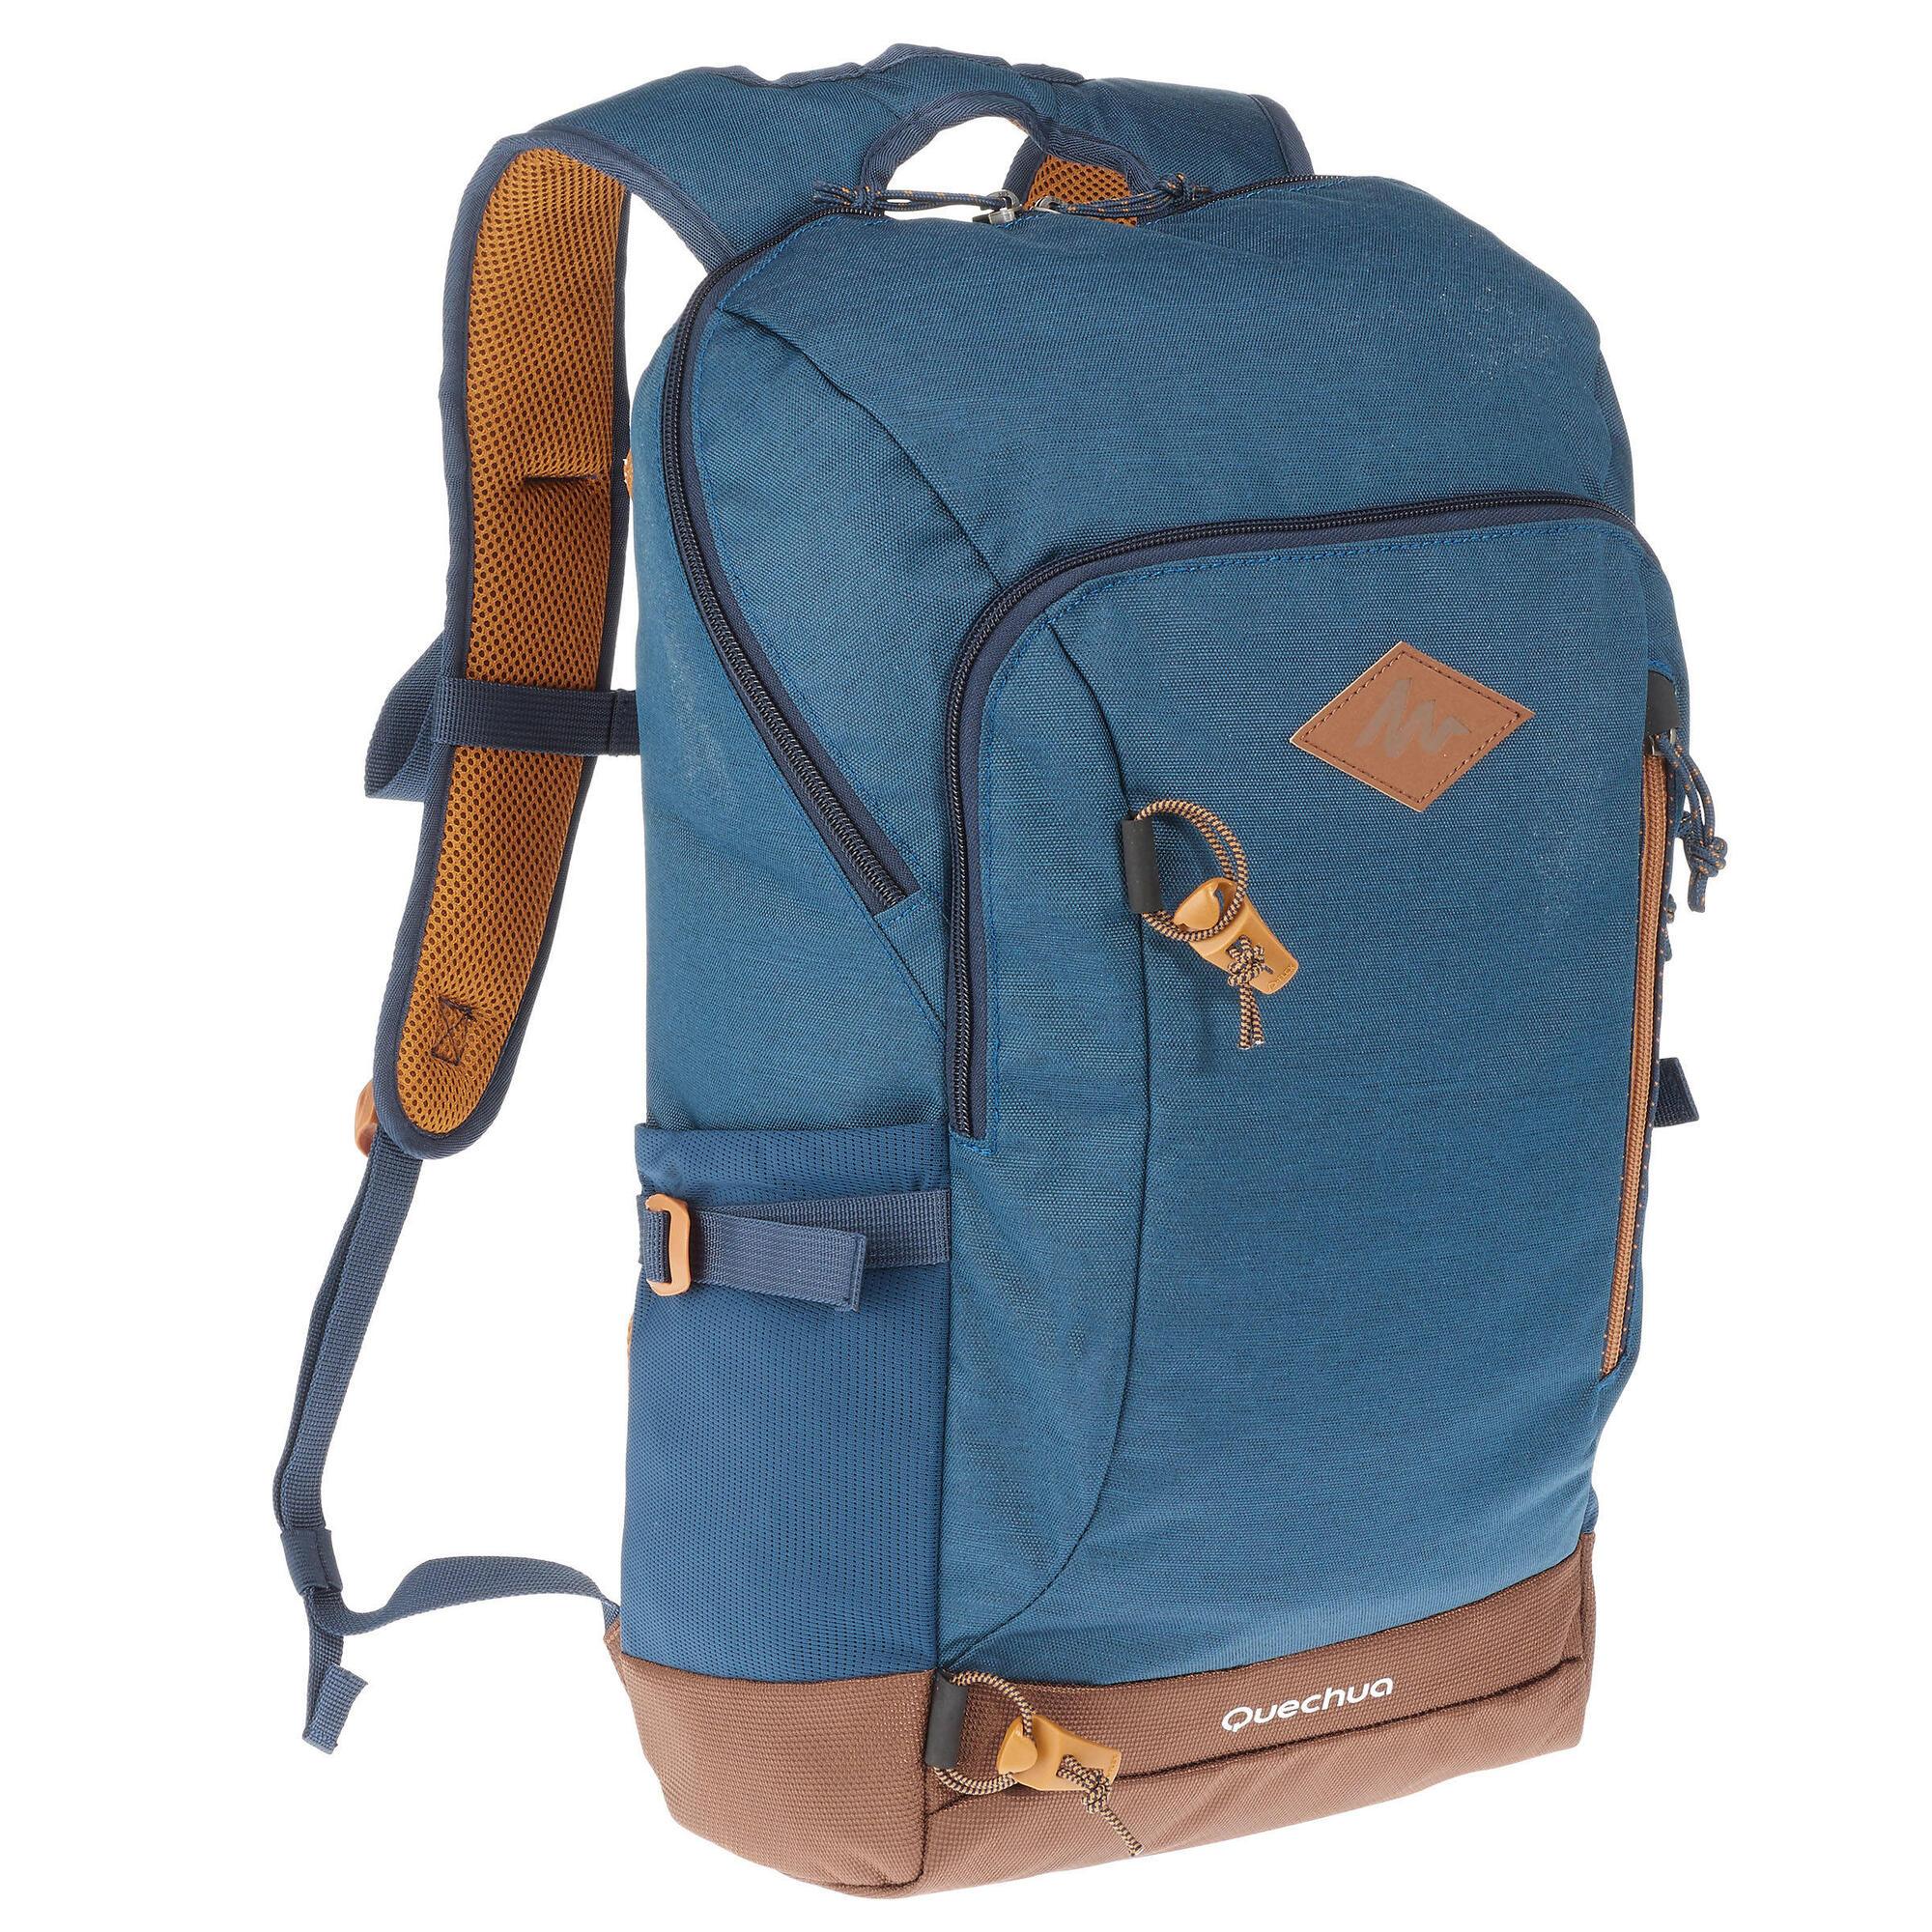 en soldes en gros meilleure vente Journée - Sac à dos N-Hiking 20 litres bleu